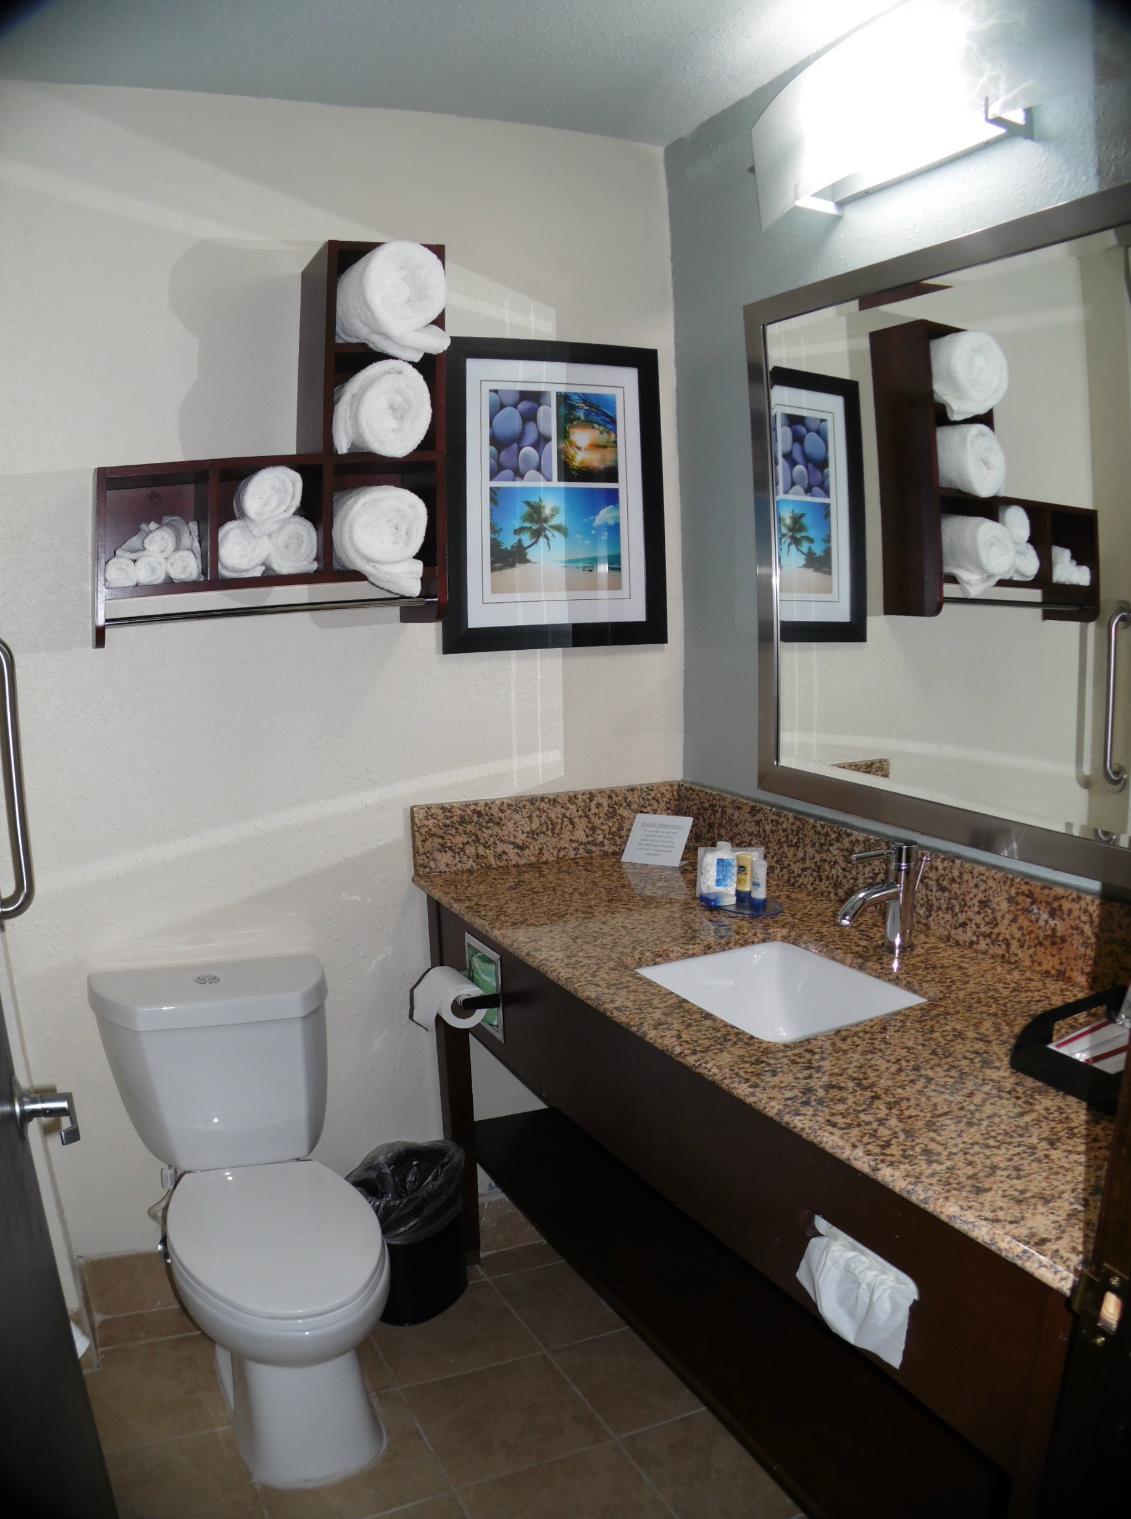 Best Western Plus Elizabeth City Inn & Suites image 22